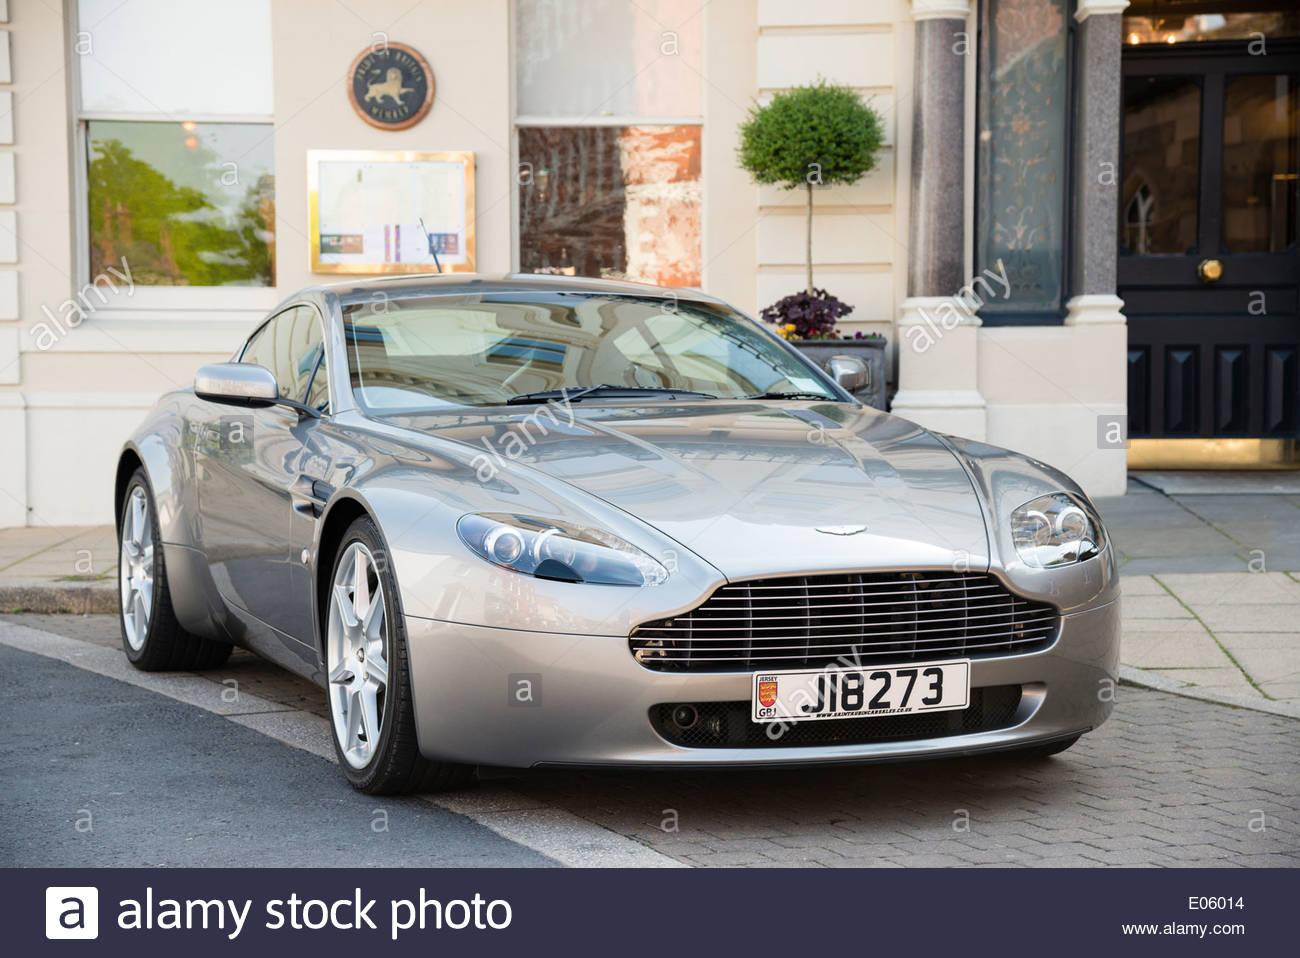 Aston Martin voiture garée dans la rue en face d'un hôtel, Hereford, Royaume-Uni. Photo Stock